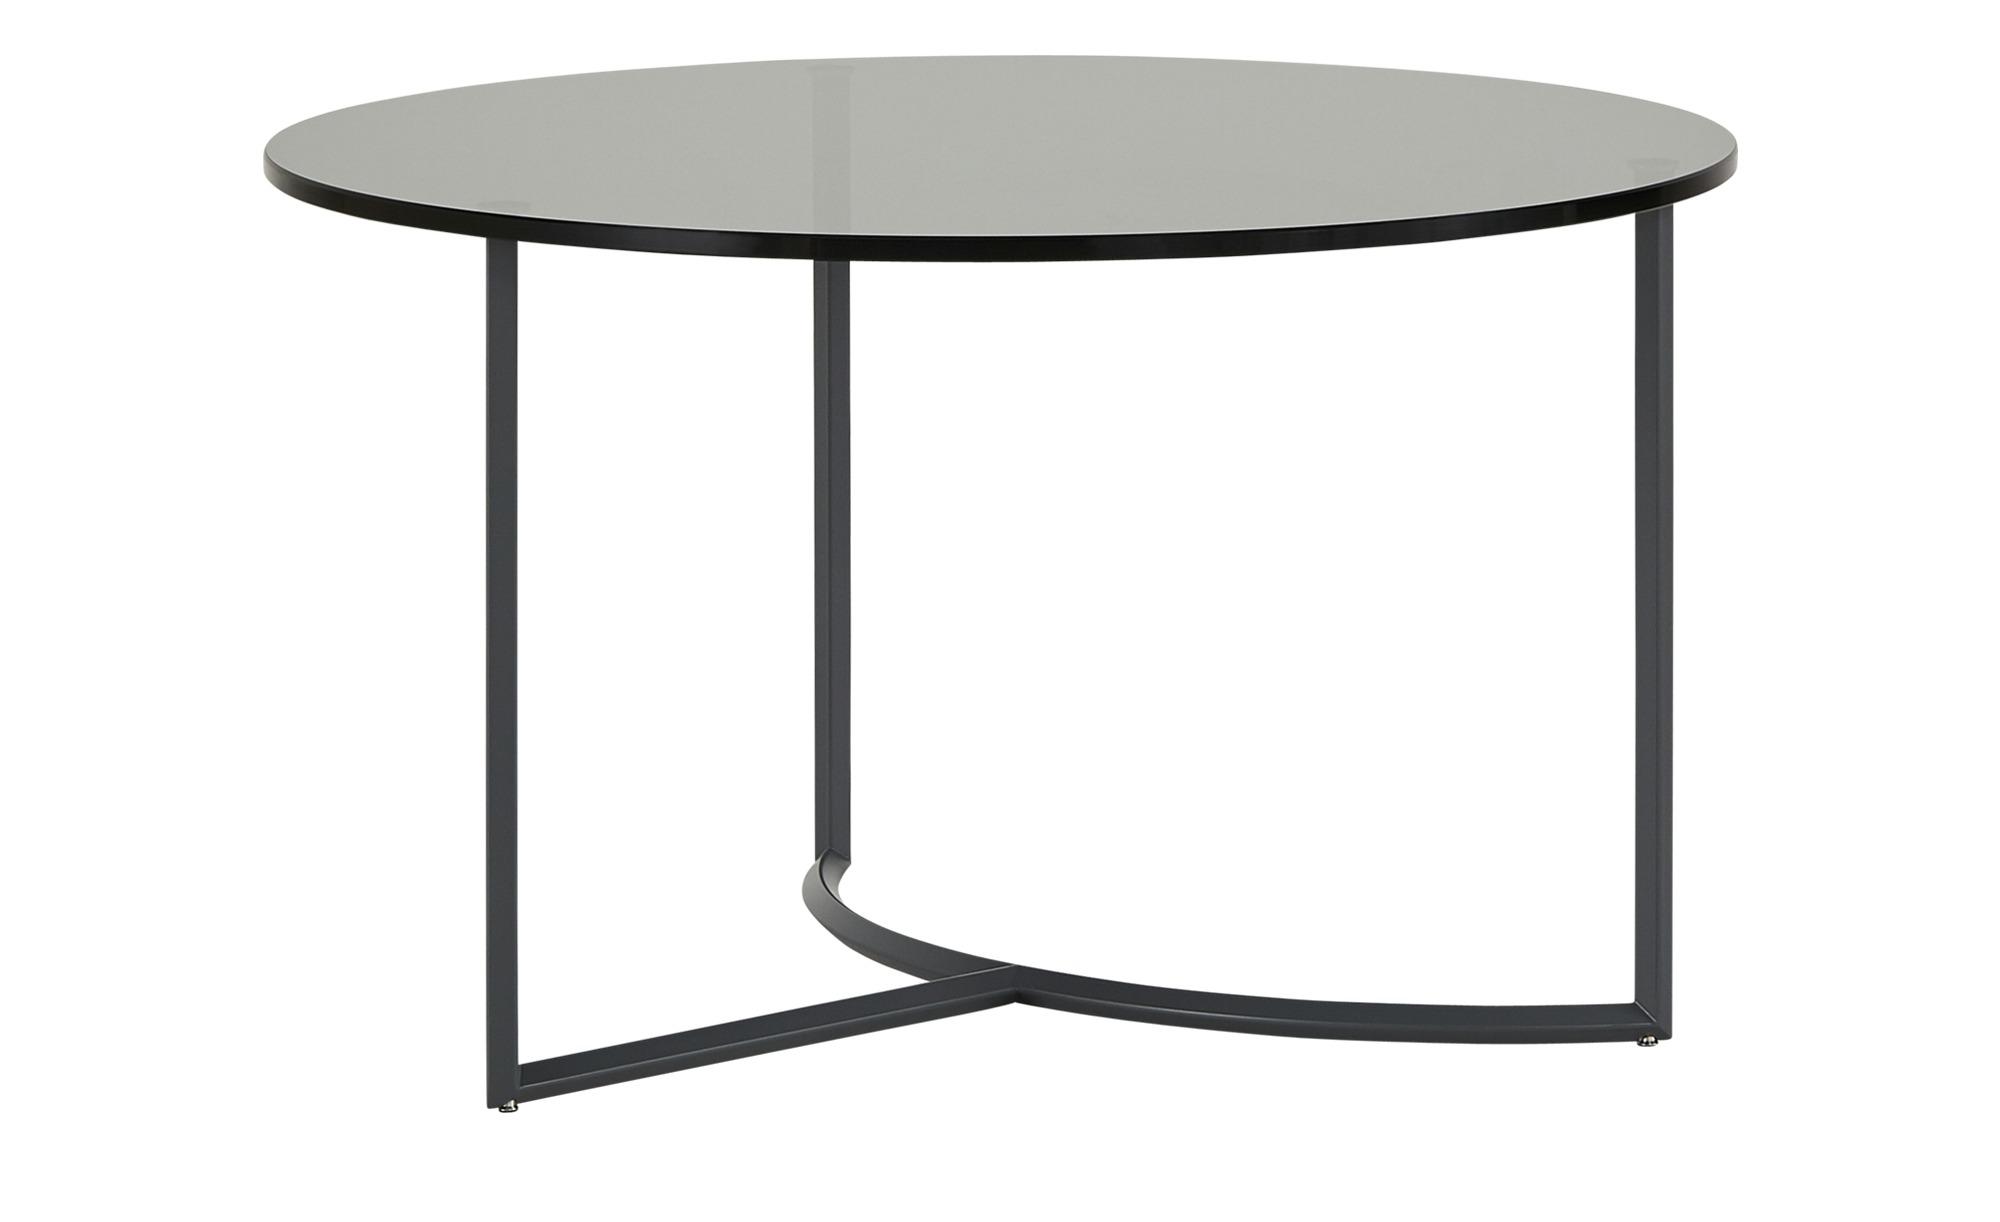 Couchtisch  Moon ¦ schwarz ¦ Maße (cm): H: 42 Ø: 70 Tische > Couchtische > Couchtische rund - Höffner